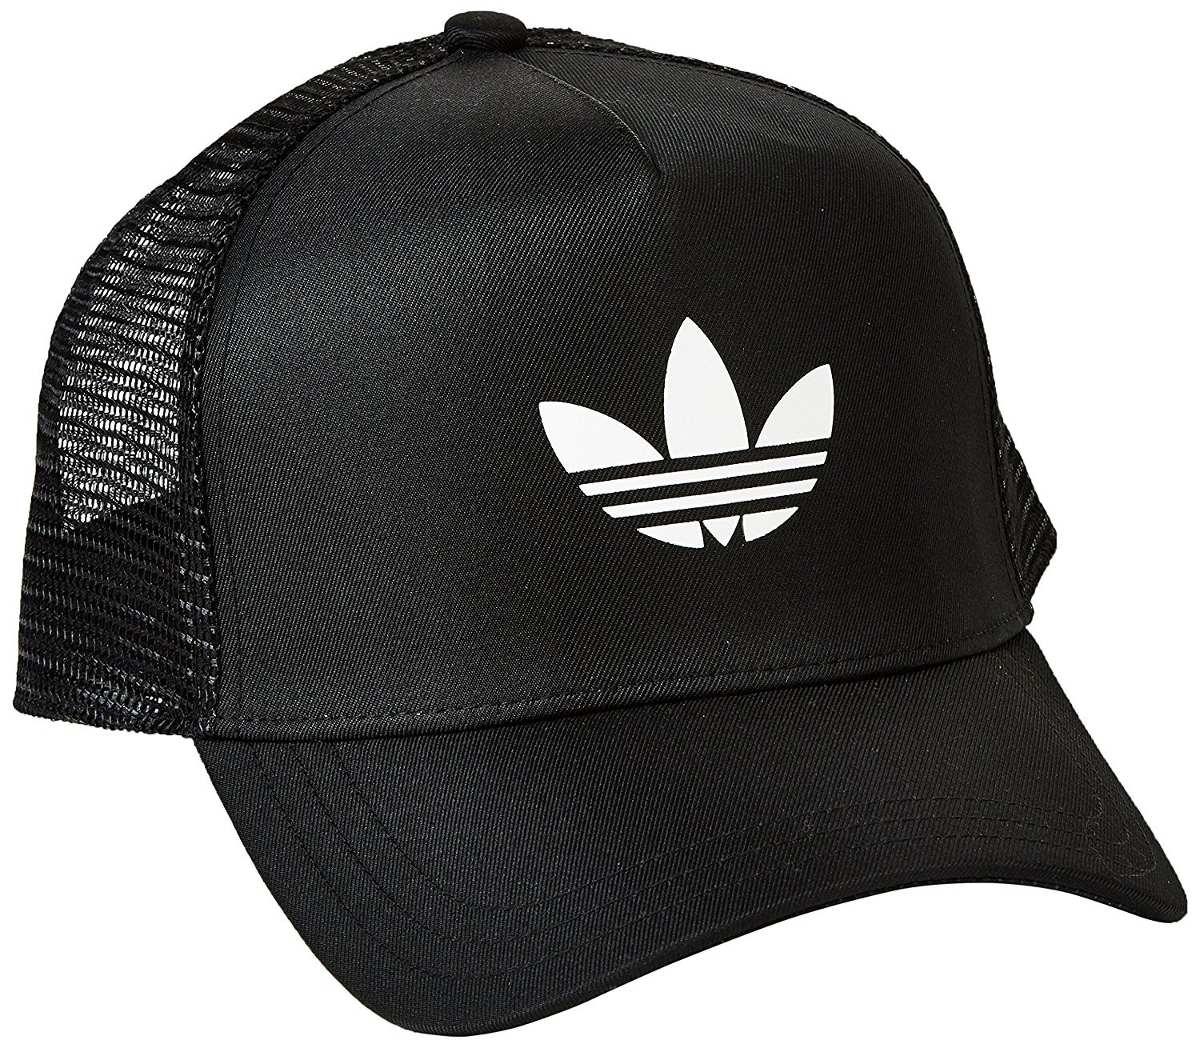 786028e5f9ad6 Características. Marca Adidas  Modelo BLACK  Género Mujer  Tipo de sombrero  Gorro